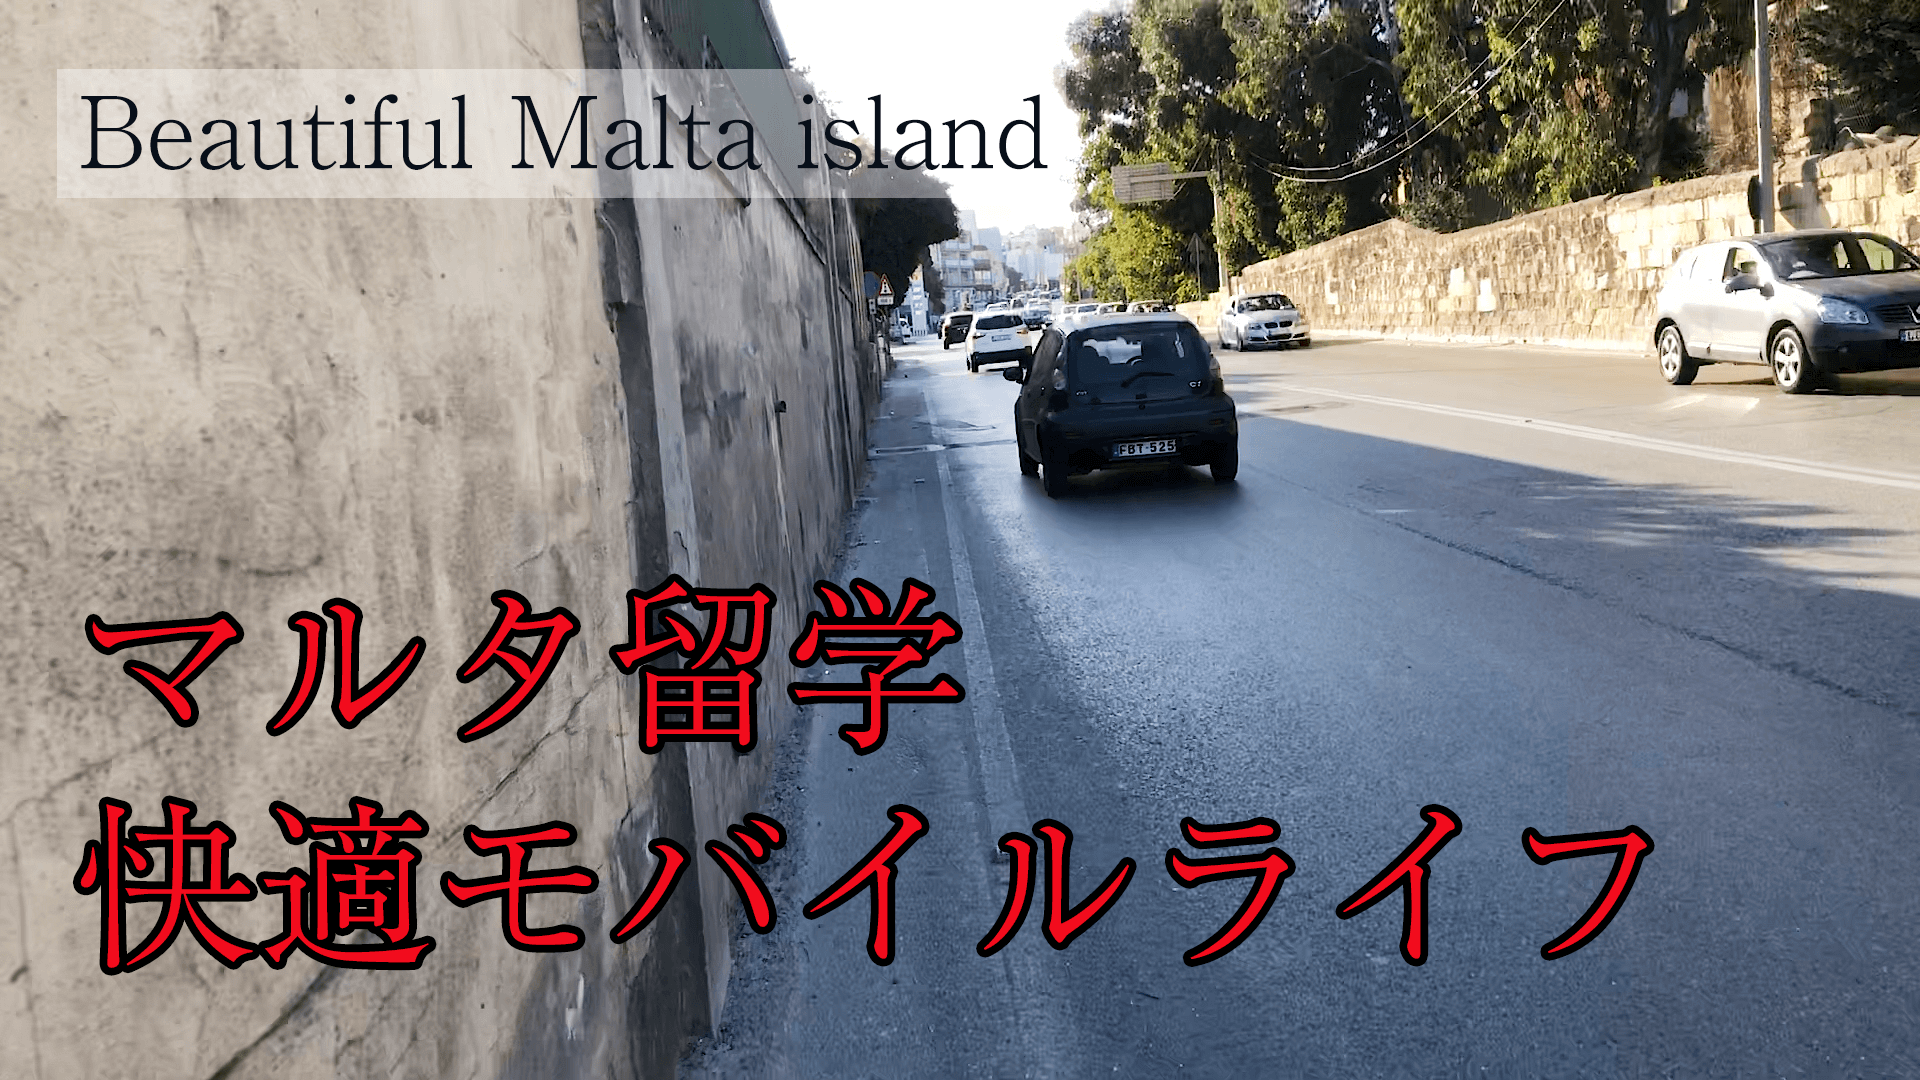 マルタ留学のモバイルライフ